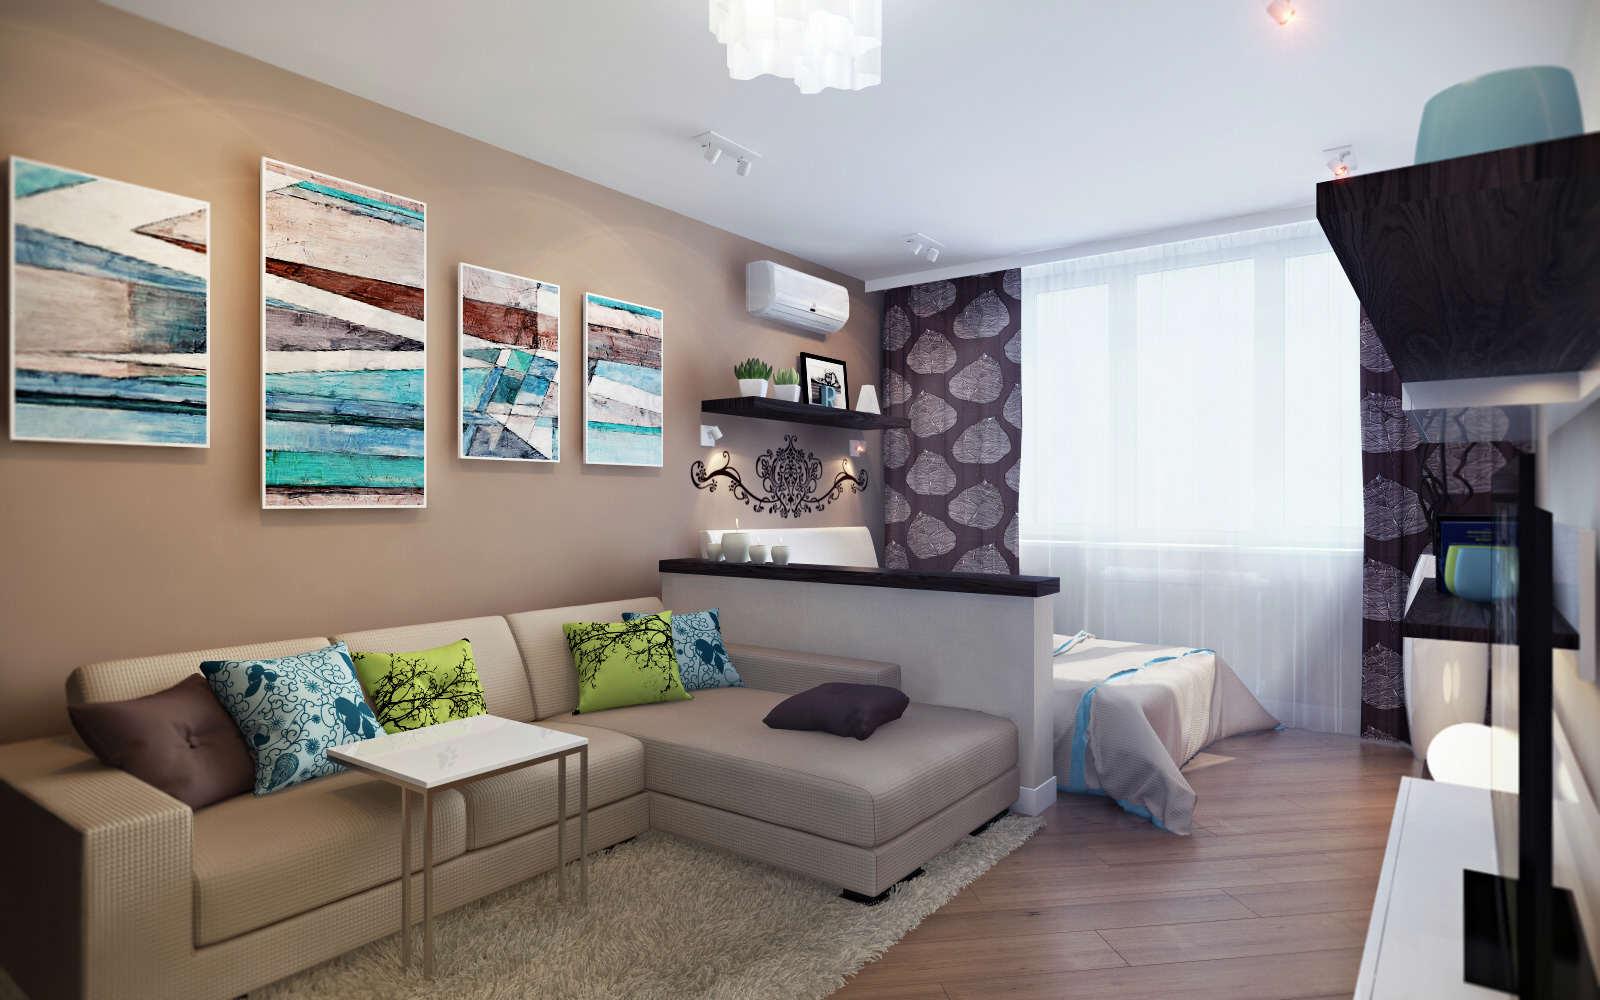 Косметический ремонт квартир в Москве, низкие цены